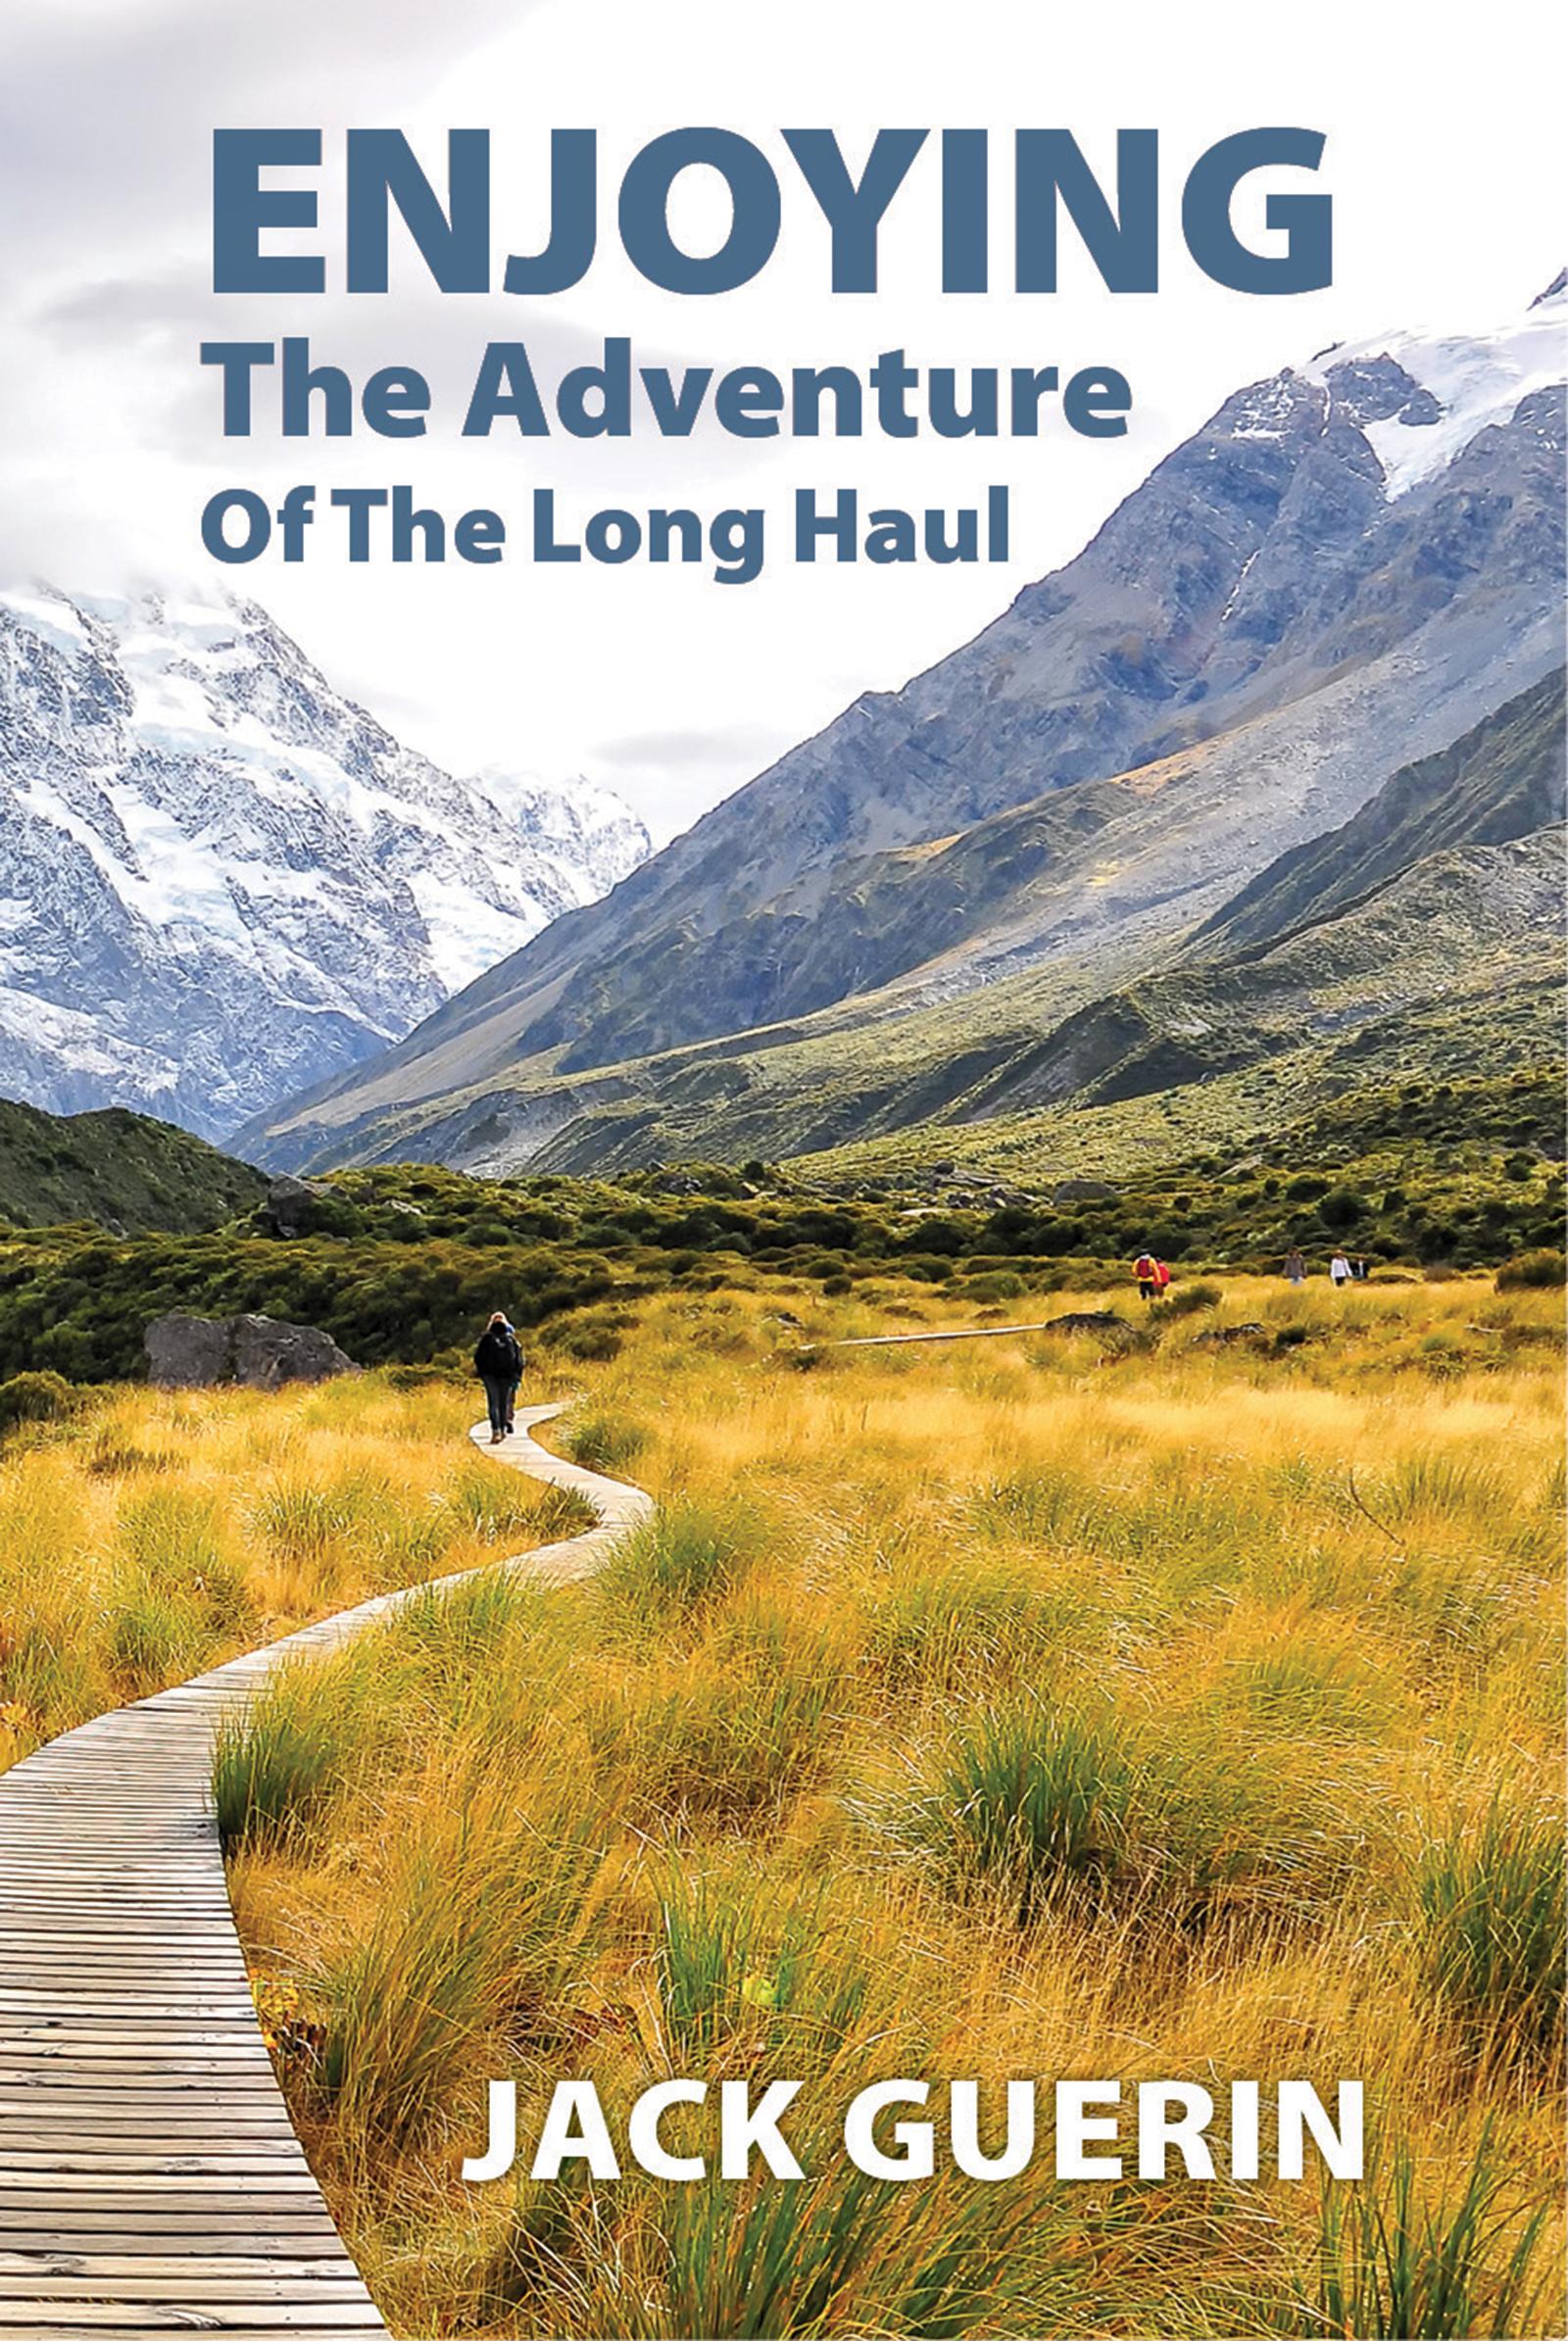 The Long Haul Ebook